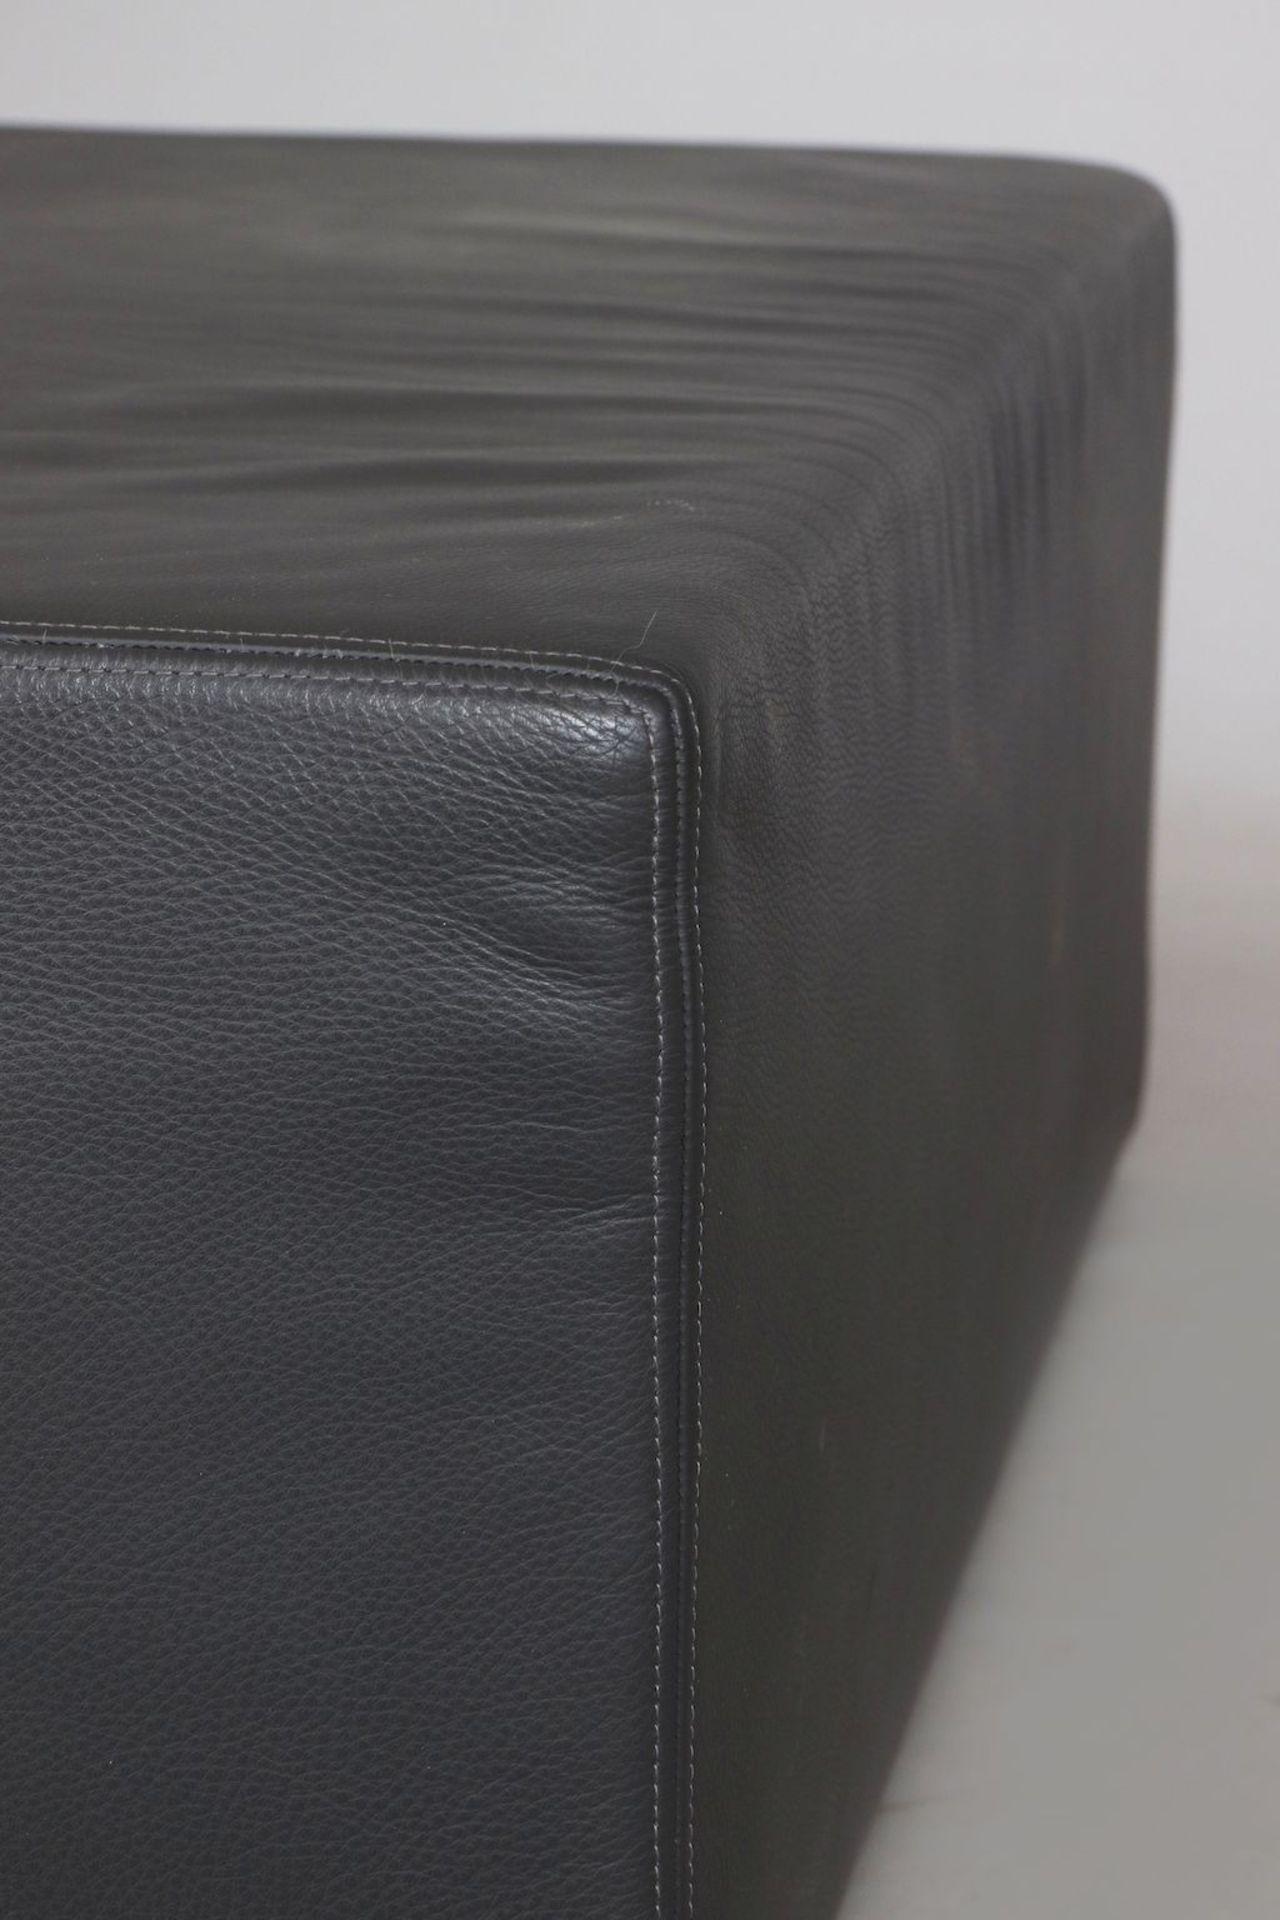 Leder-Pouf (Sitzmöbel oder Couchtisch) - Image 3 of 3